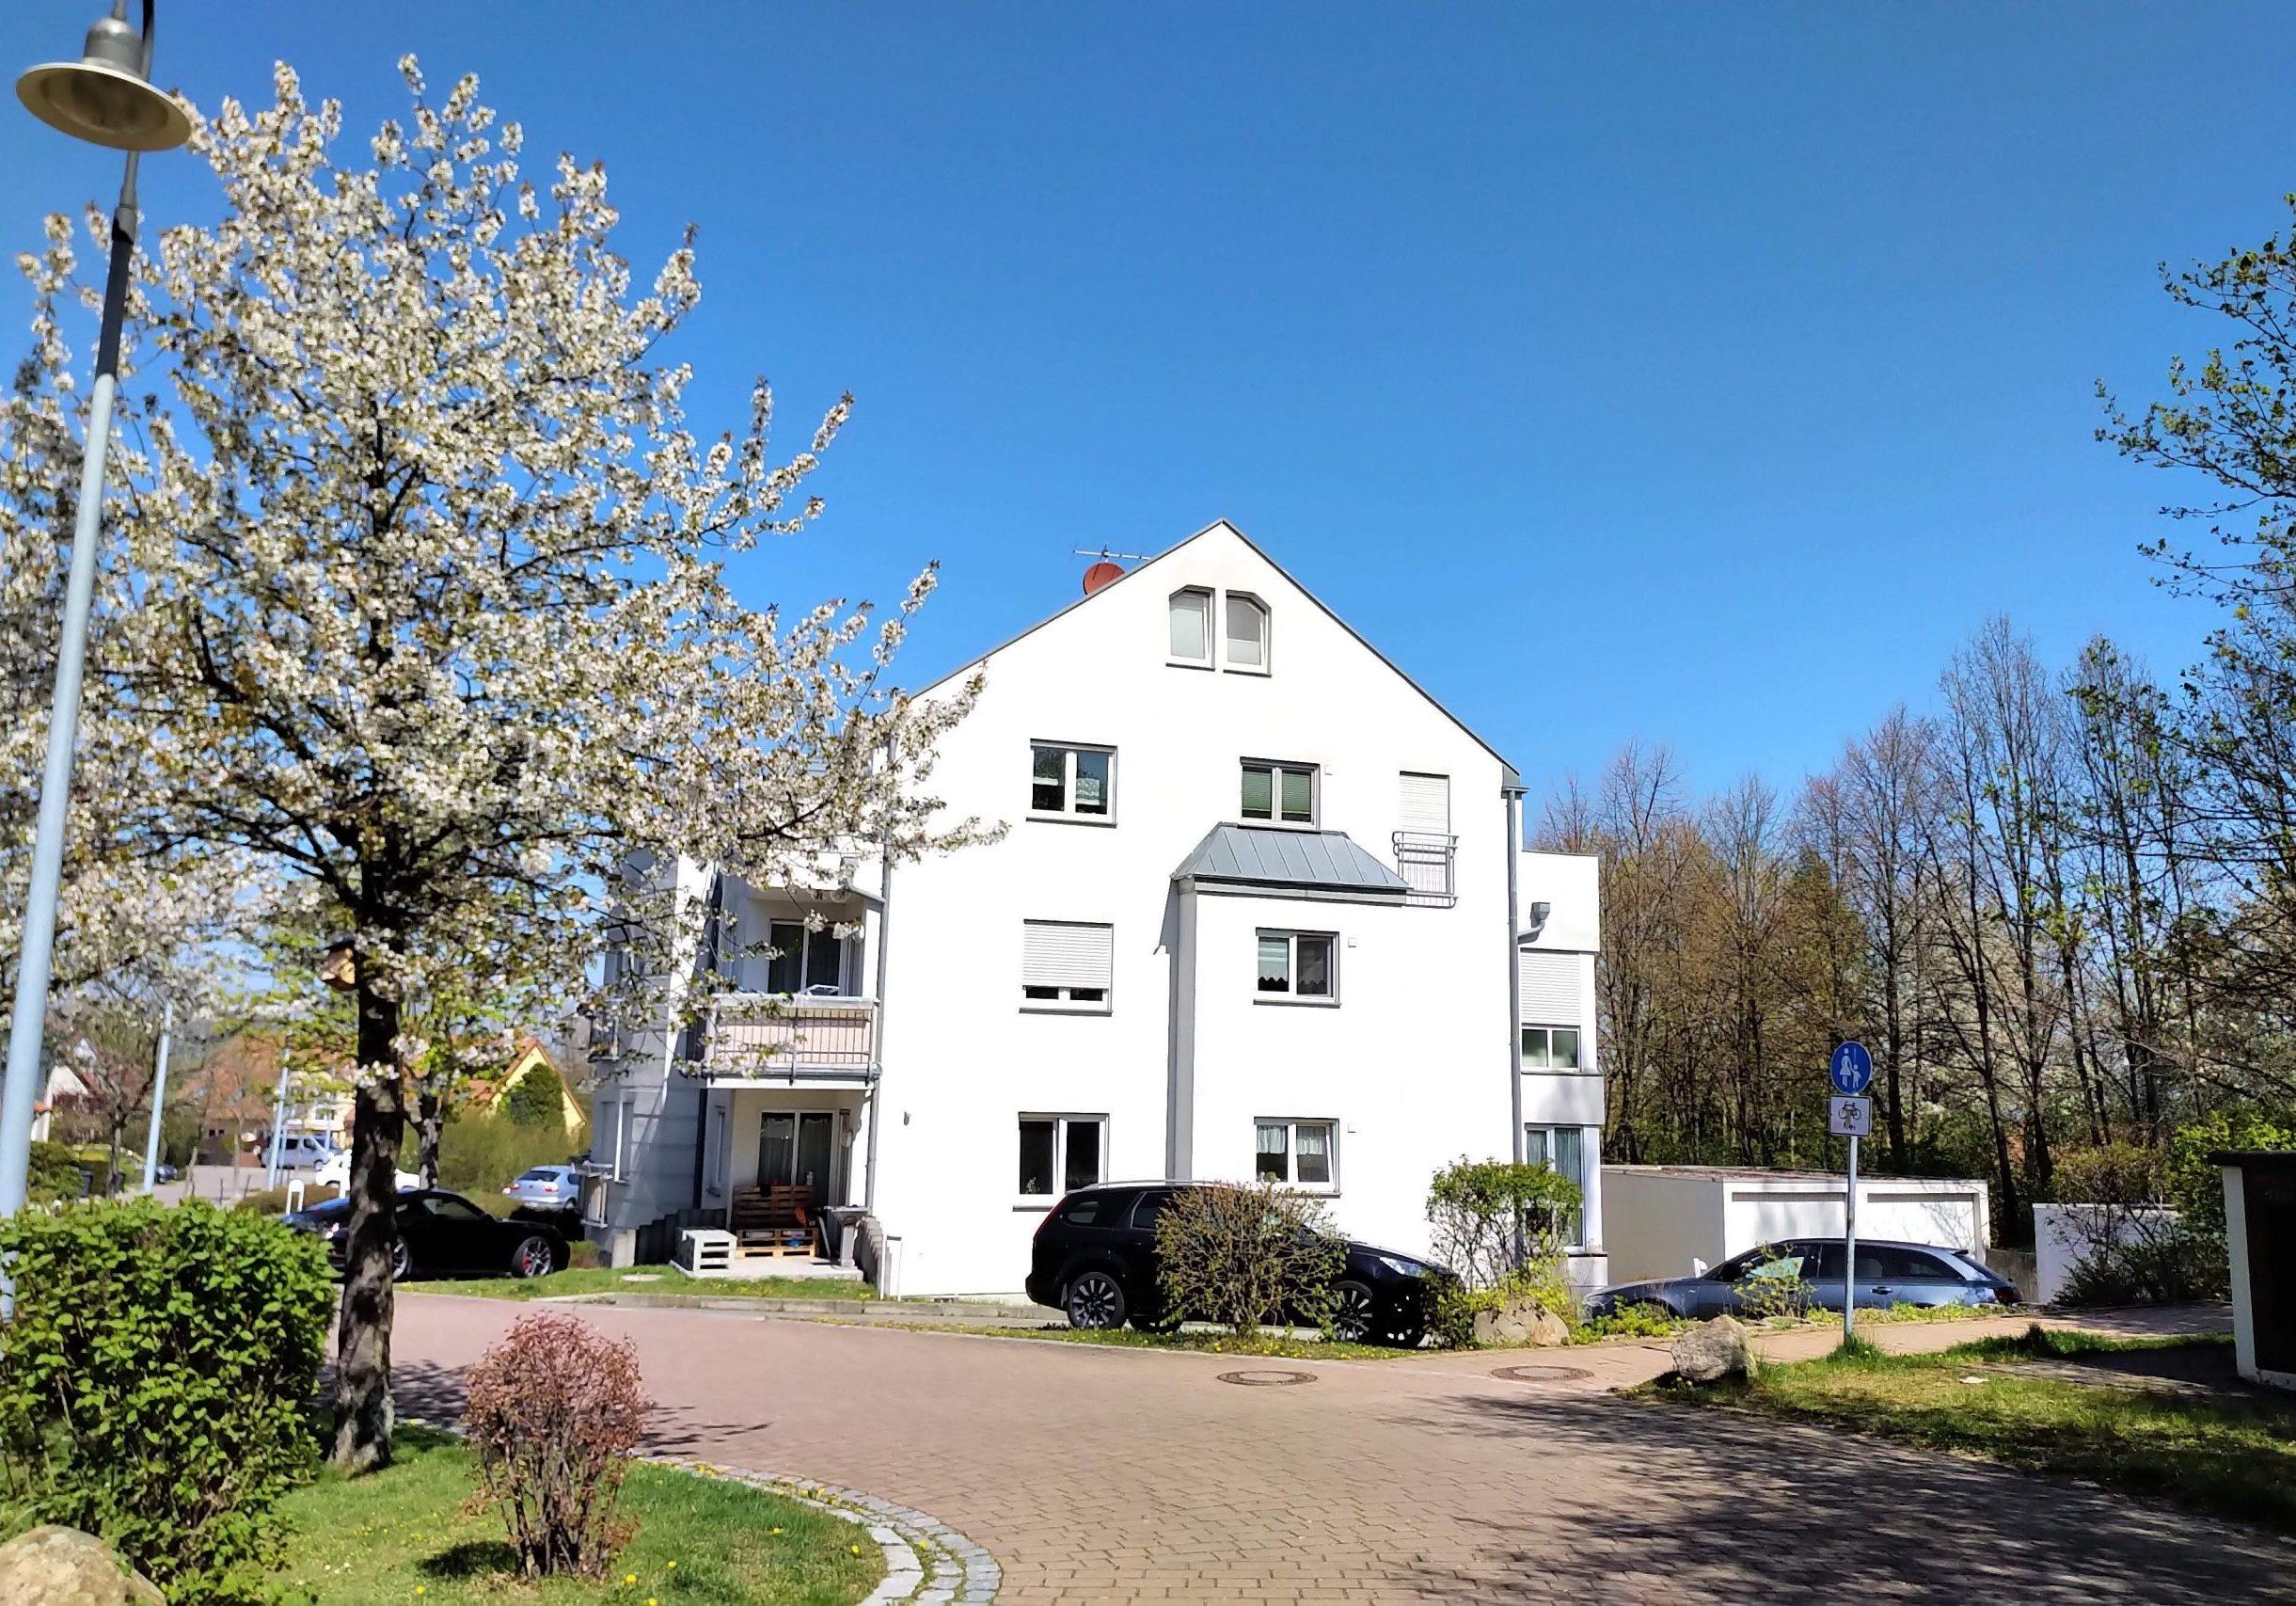 Kesselsdorf, Wernersweg 24, 14 Wohneinheiten